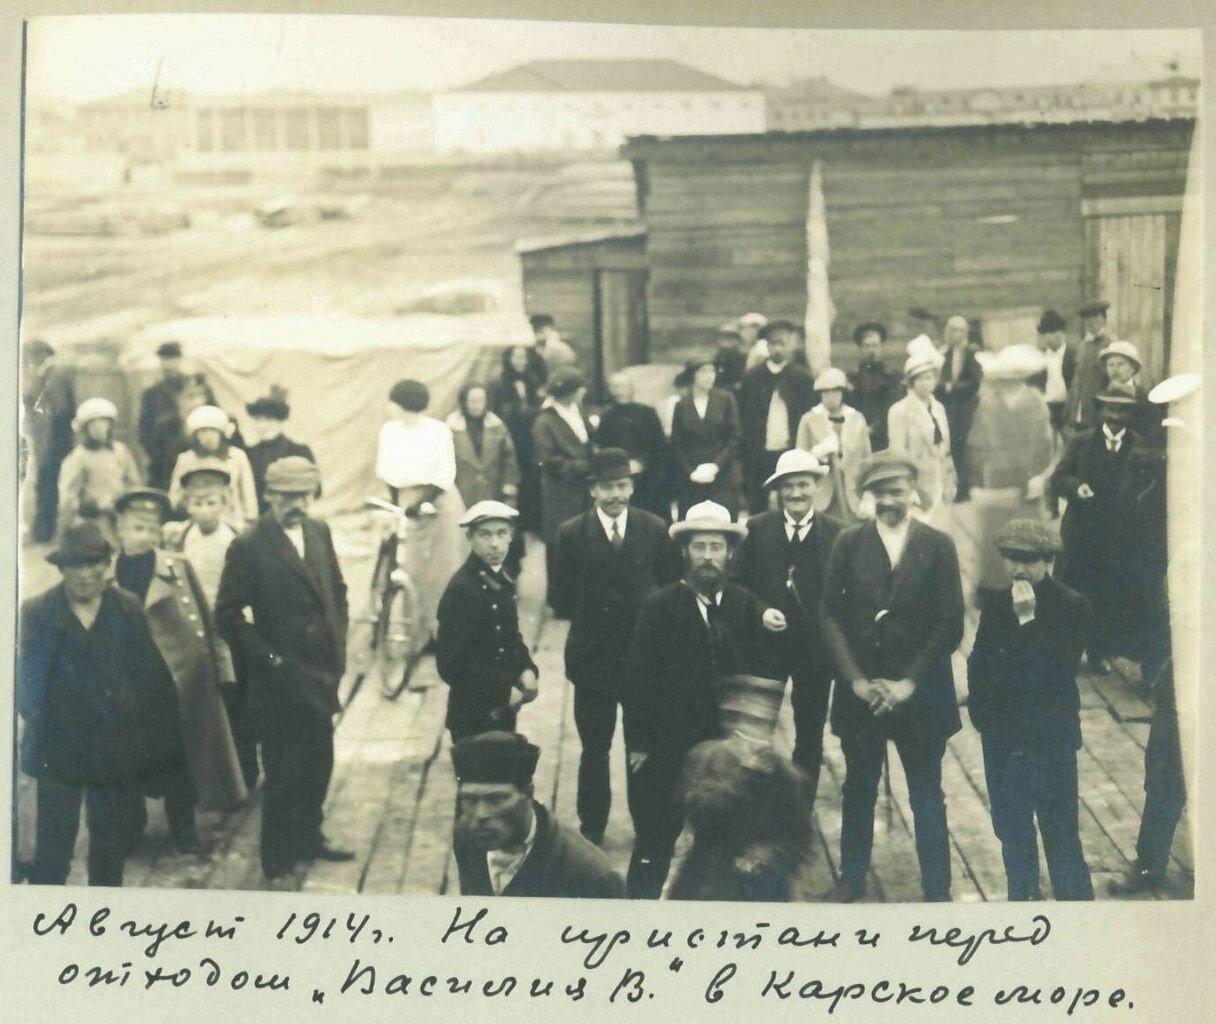 На пристани перед отходом «Василия В.» в Карское море